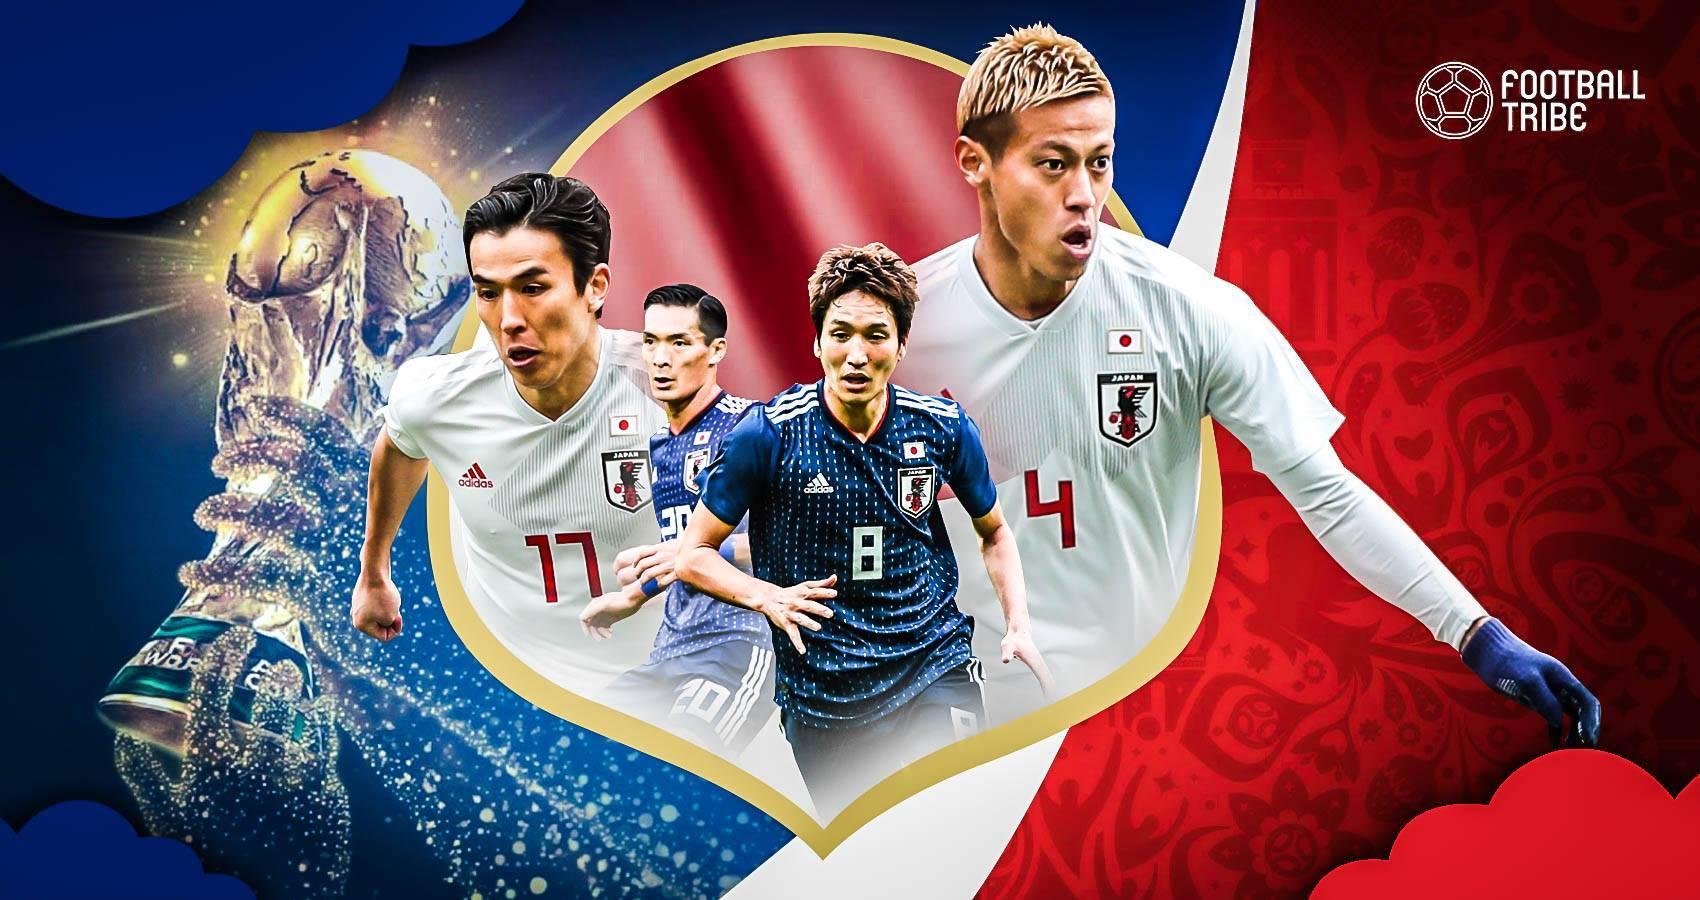 ก่อนลุยรัสเซีย: ยอดเยี่ยม-ยอดแย่ผลงานญี่ปุ่นในเวทีฟุตบอลโลก